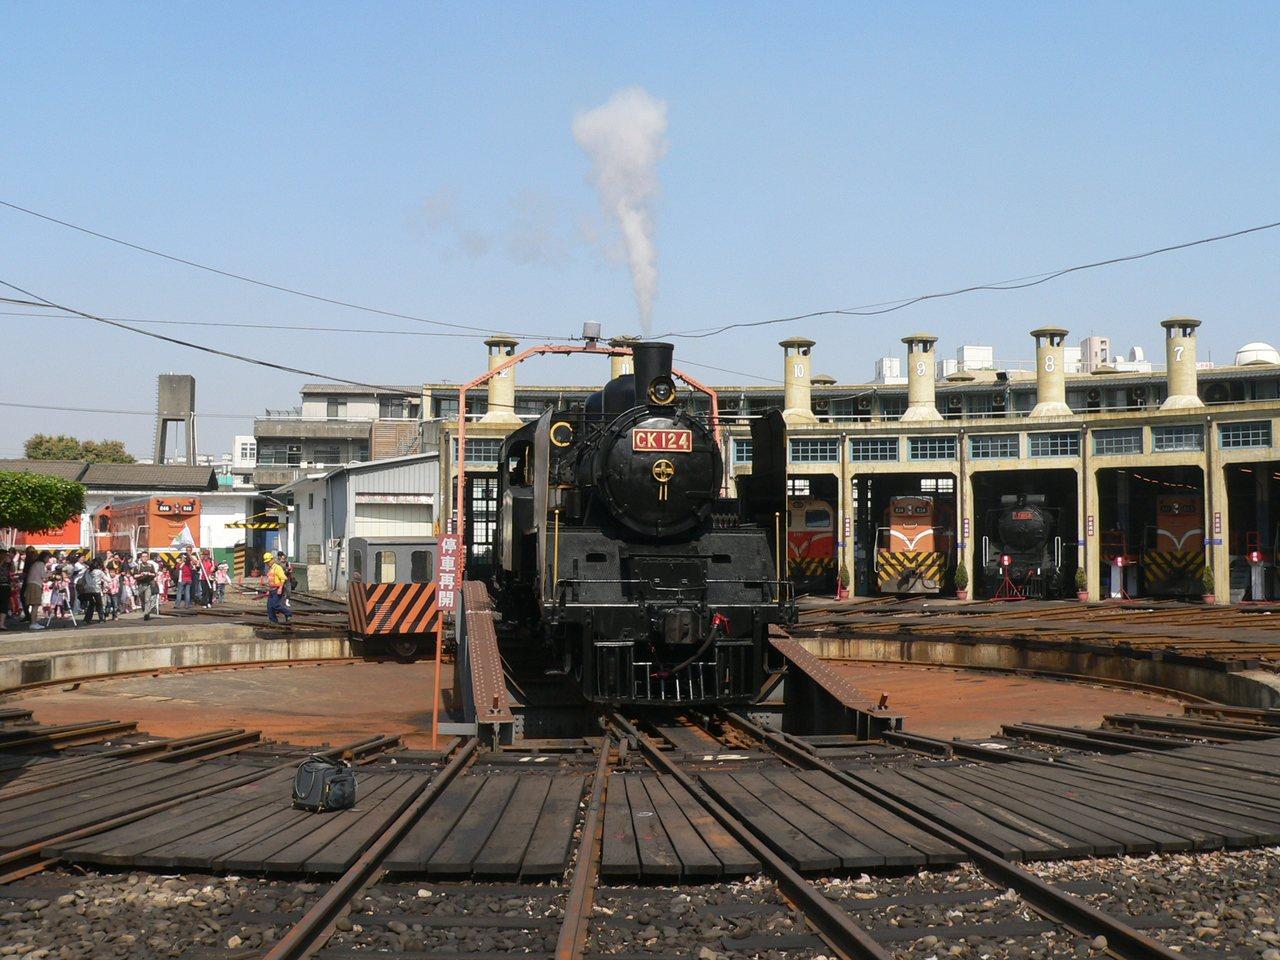 彰化扇形車庫及保存的蒸汽火車。 本報資料照片